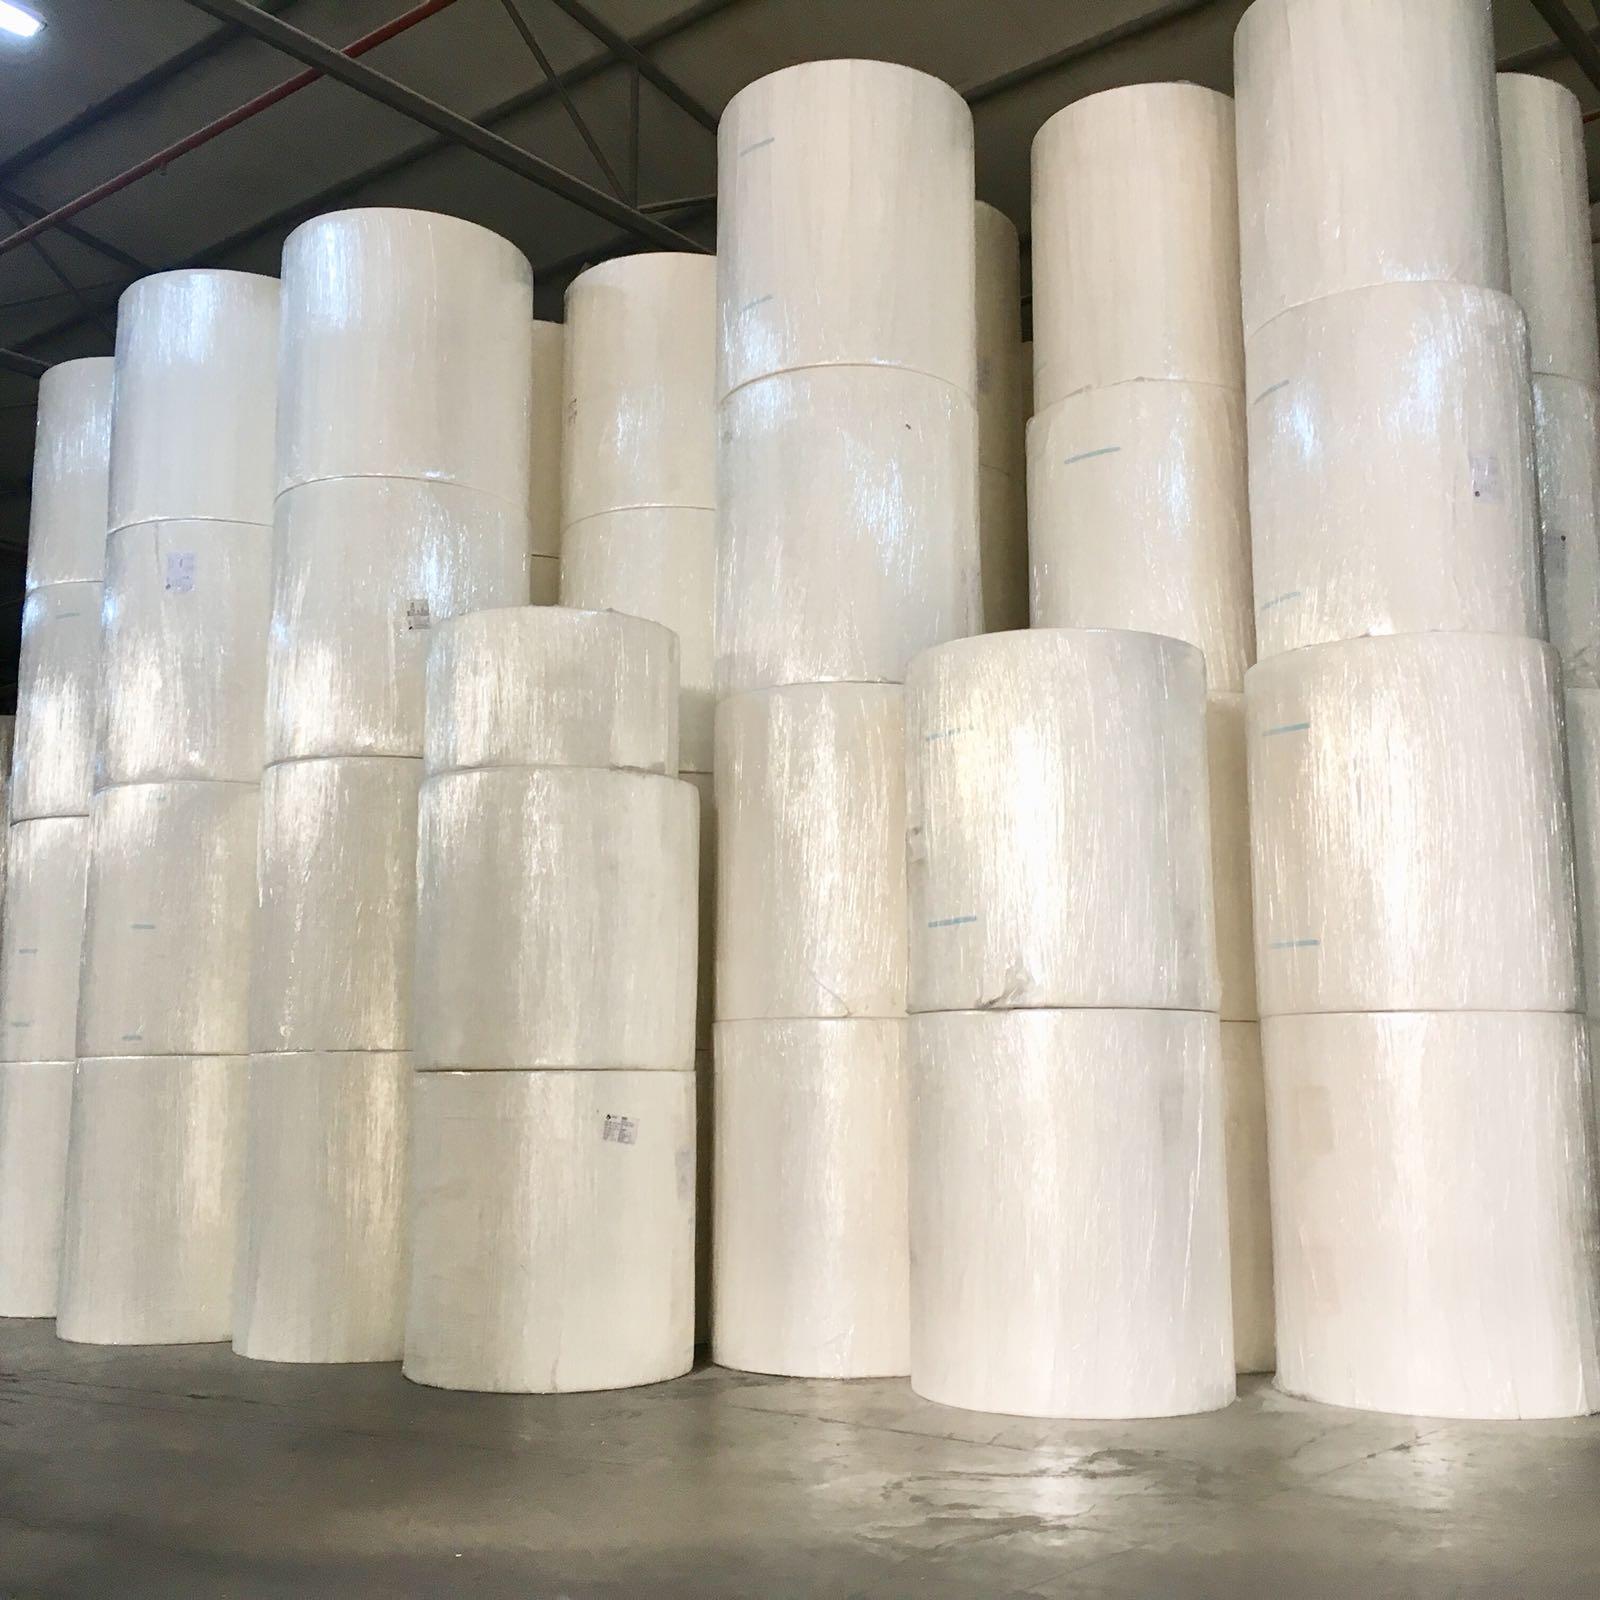 Yılda 30.000 Ton Temizlik Kağıdı 25.000 Ambalaj Kağıdı Üretmekteyiz